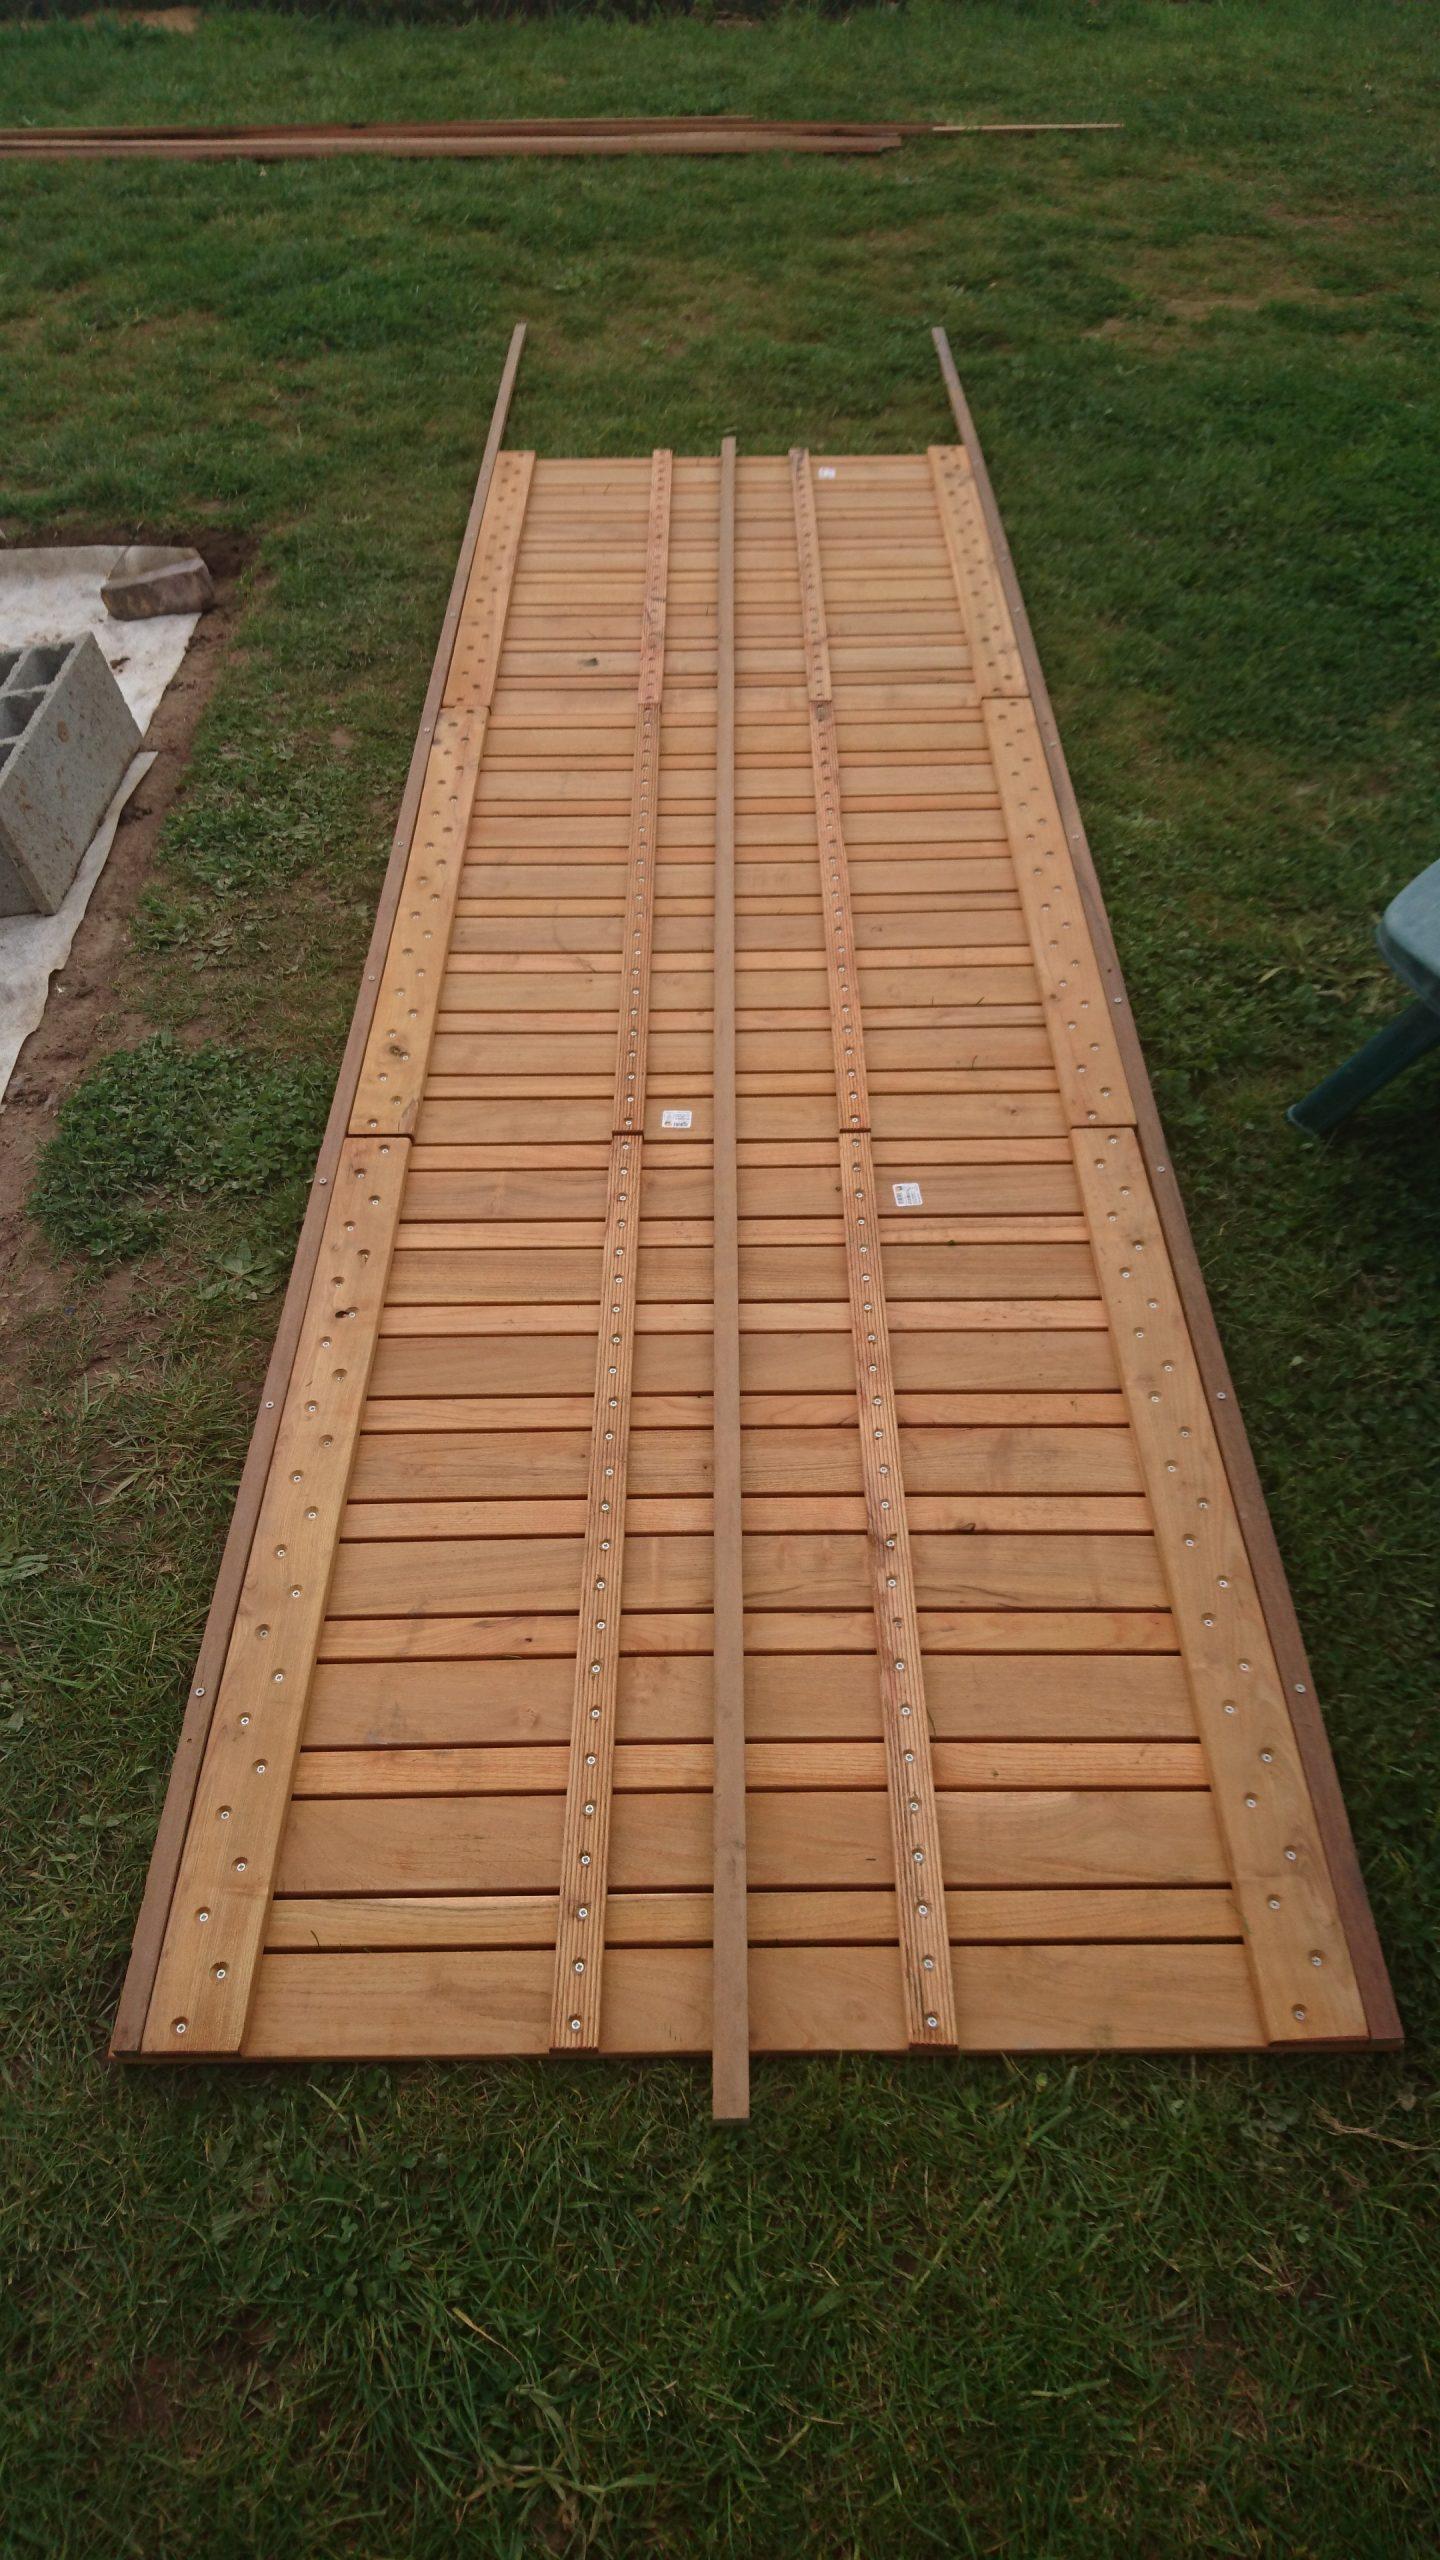 Construire Sa Terrasse Sur De La Terre Meuble - Construction ... tout Terrasse Bois Castorama Sur Plots